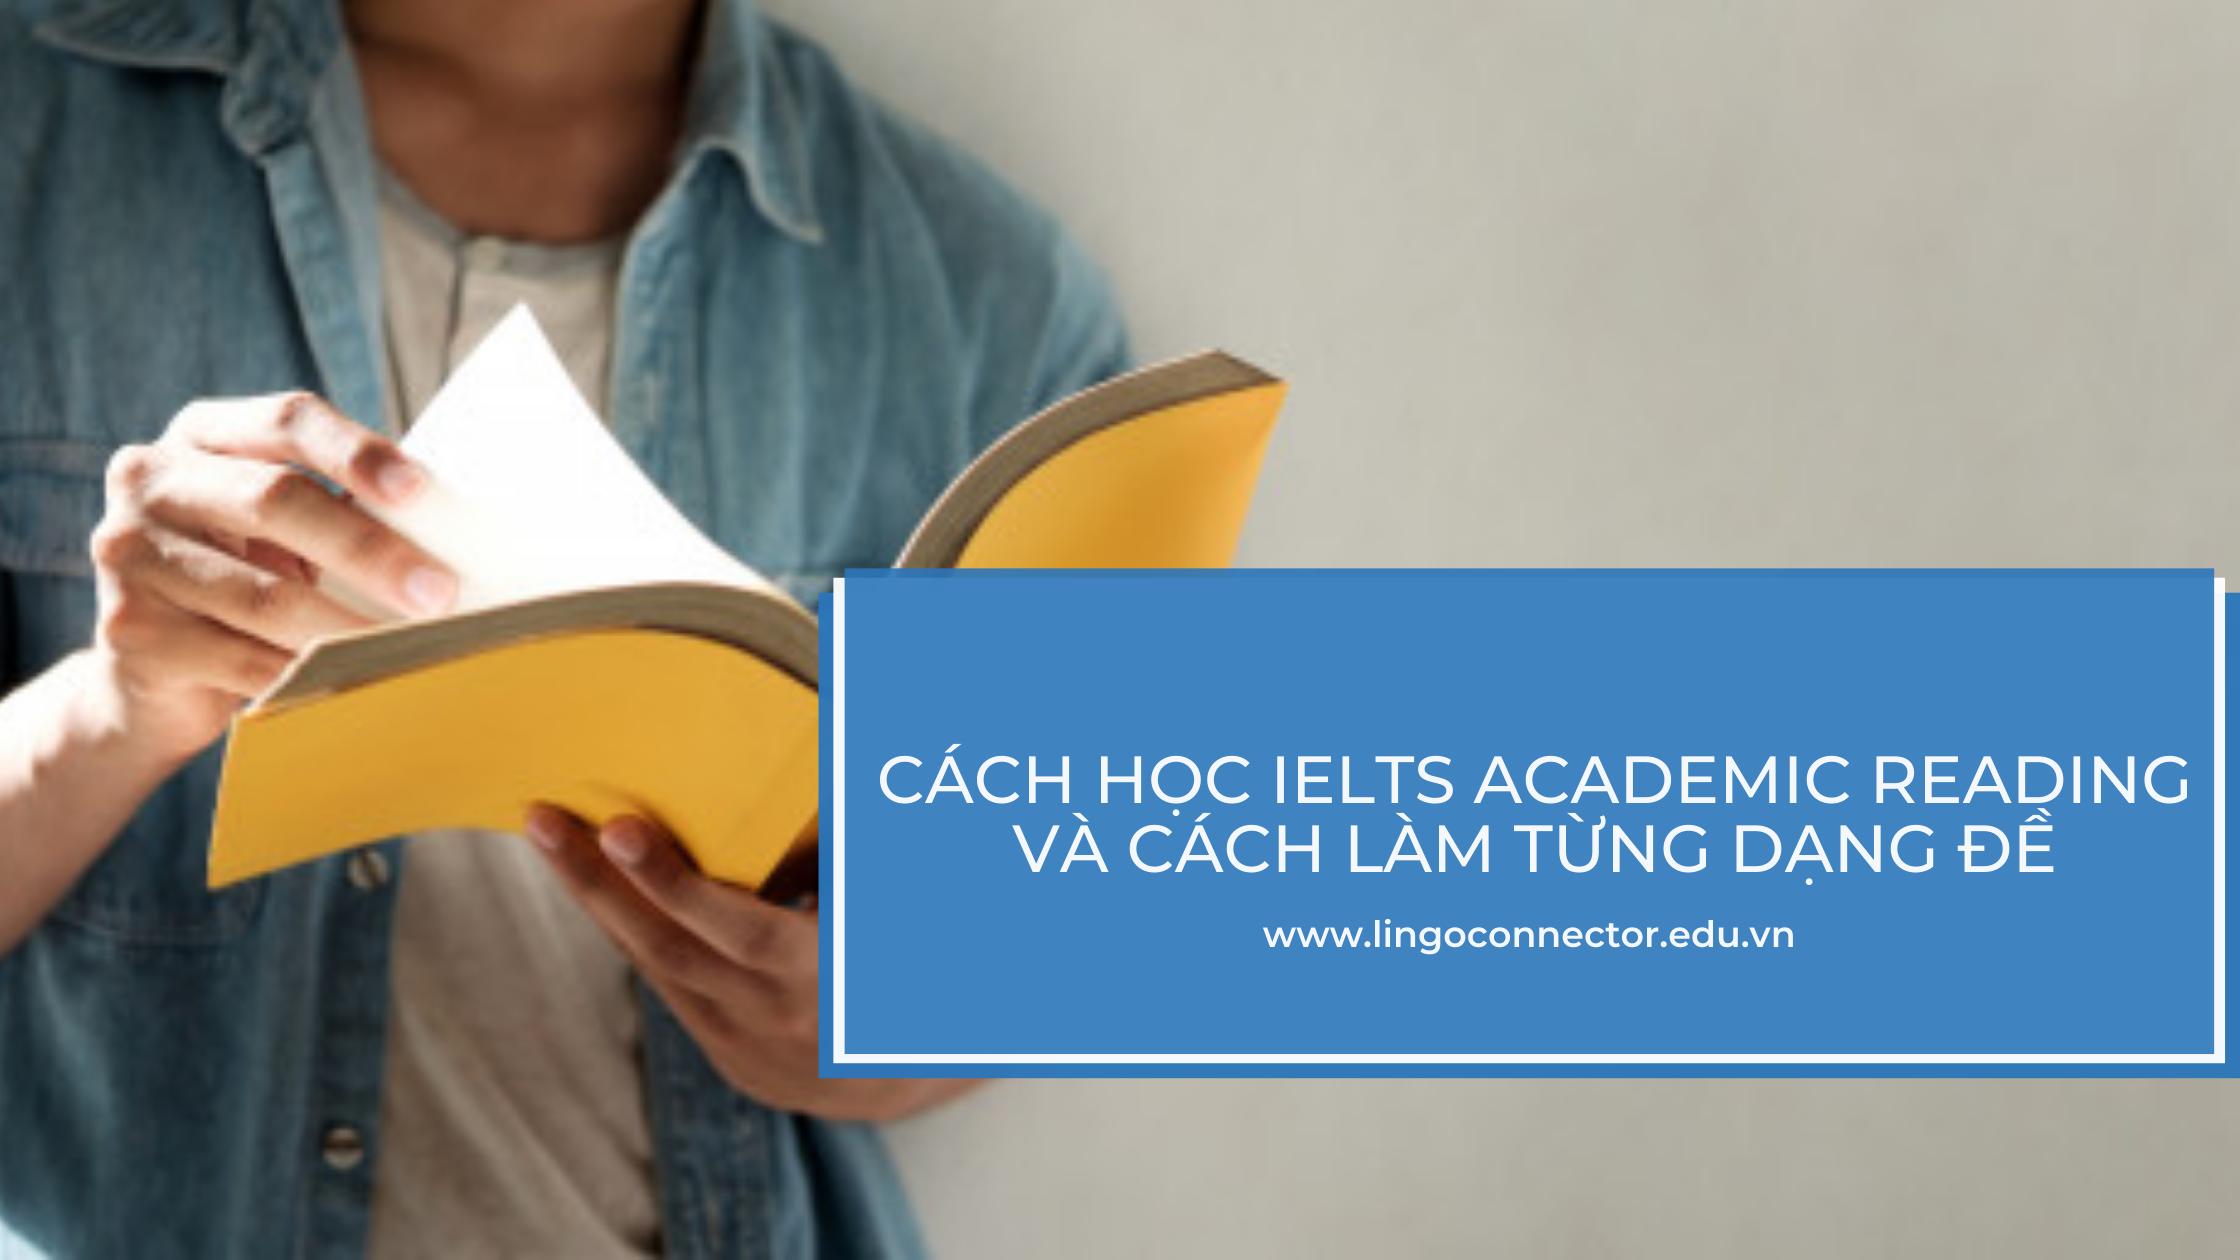 Cách học IELTS Academic Reading và cách làm từng dạng đề